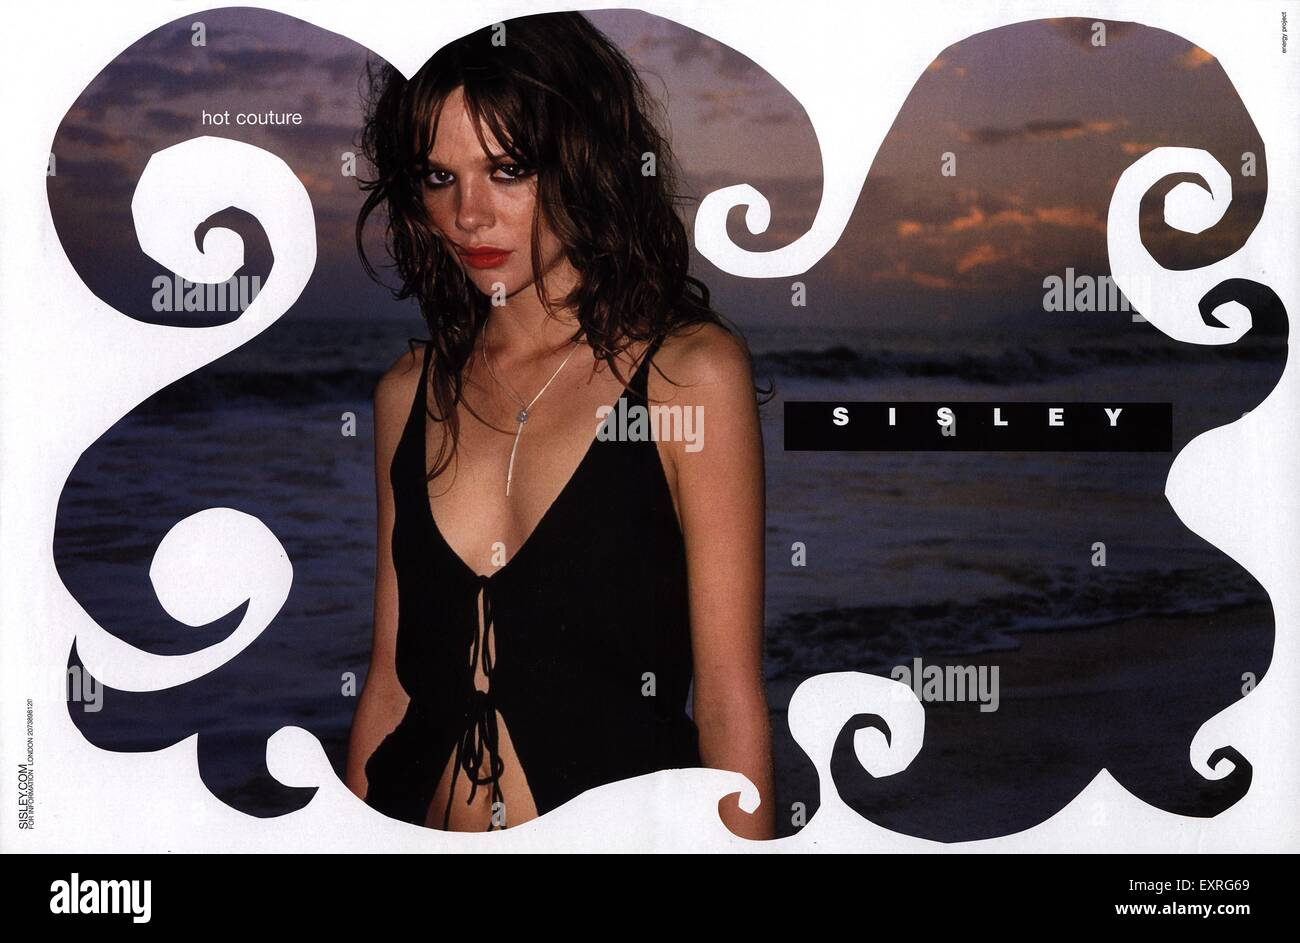 2000s UK Sisley Magazine Advert - Stock Image